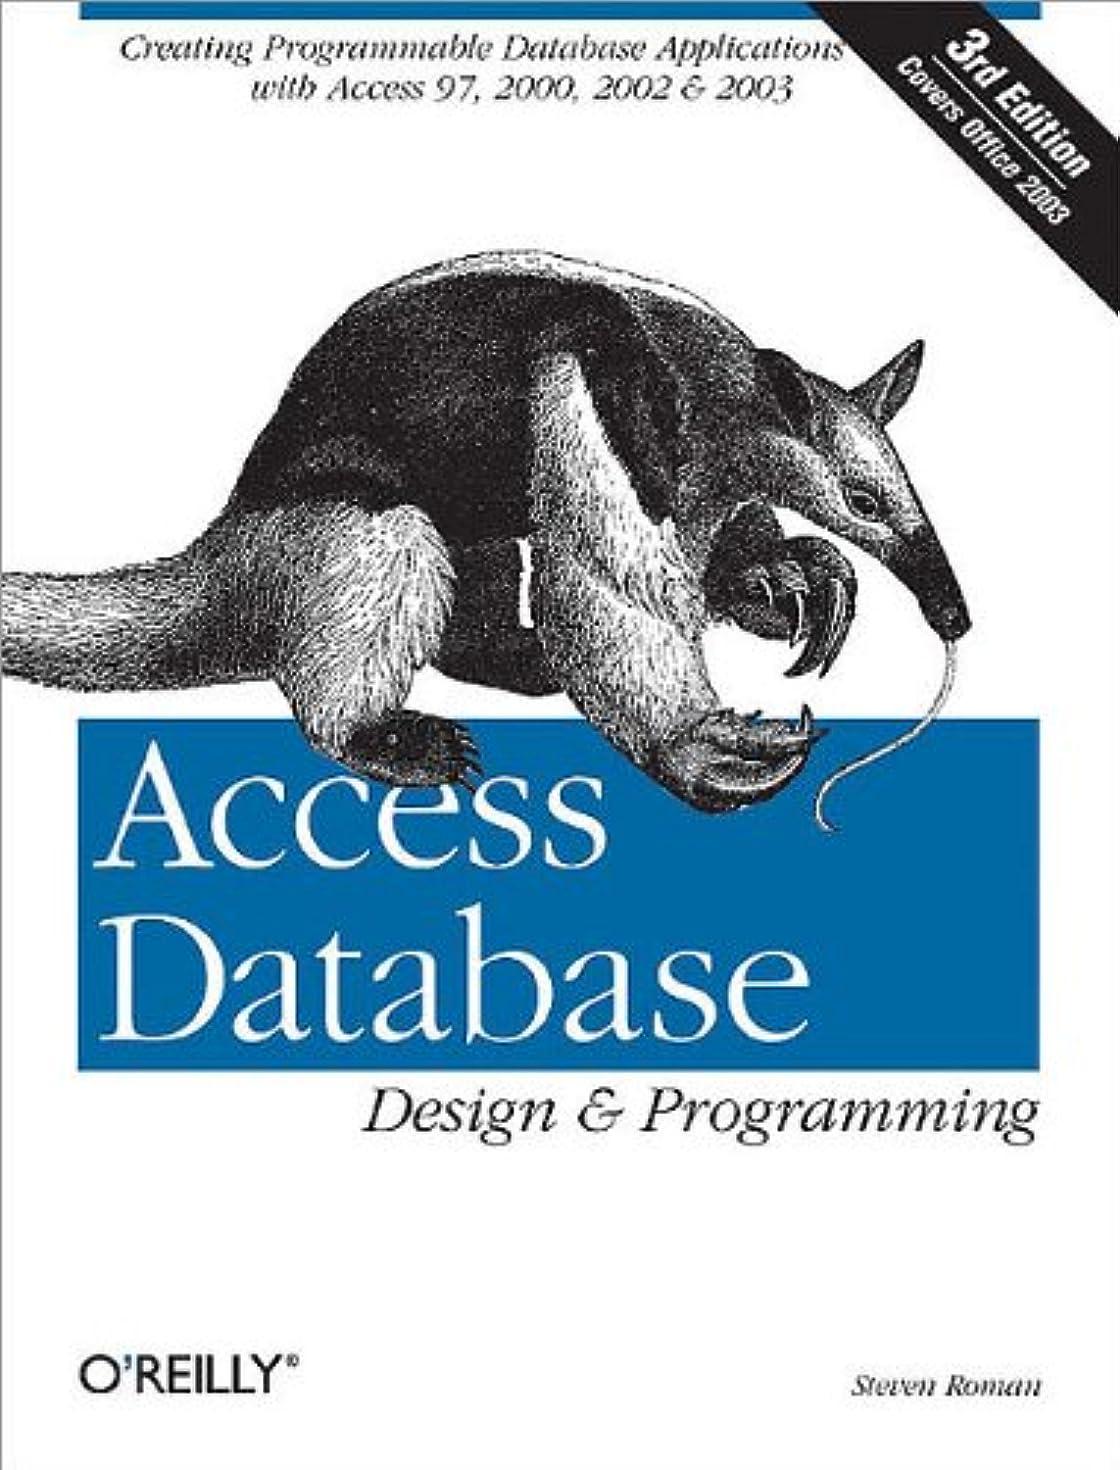 転送現実コンサートAccess Database Design & Programming: Creating Programmable Database Applications with Access 97, 2000, 2002 & 2003 (Nutshell Handbooks) (English Edition)